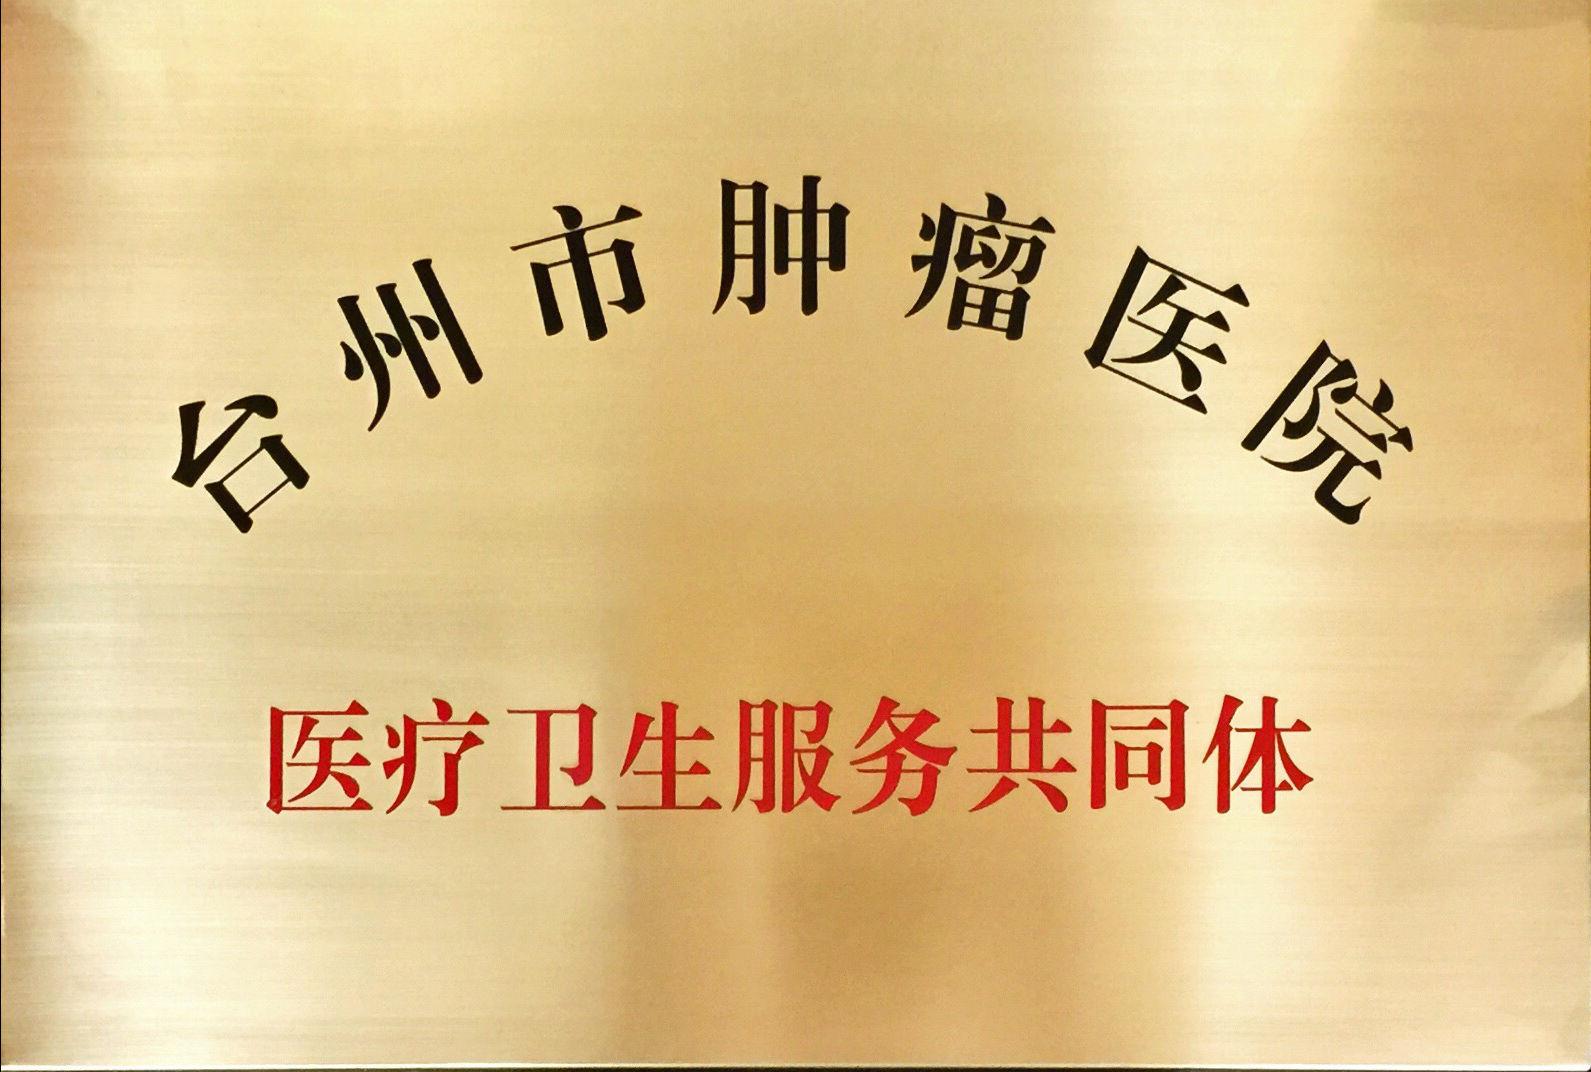 台肿医医共体召开医共体建设工作推进会